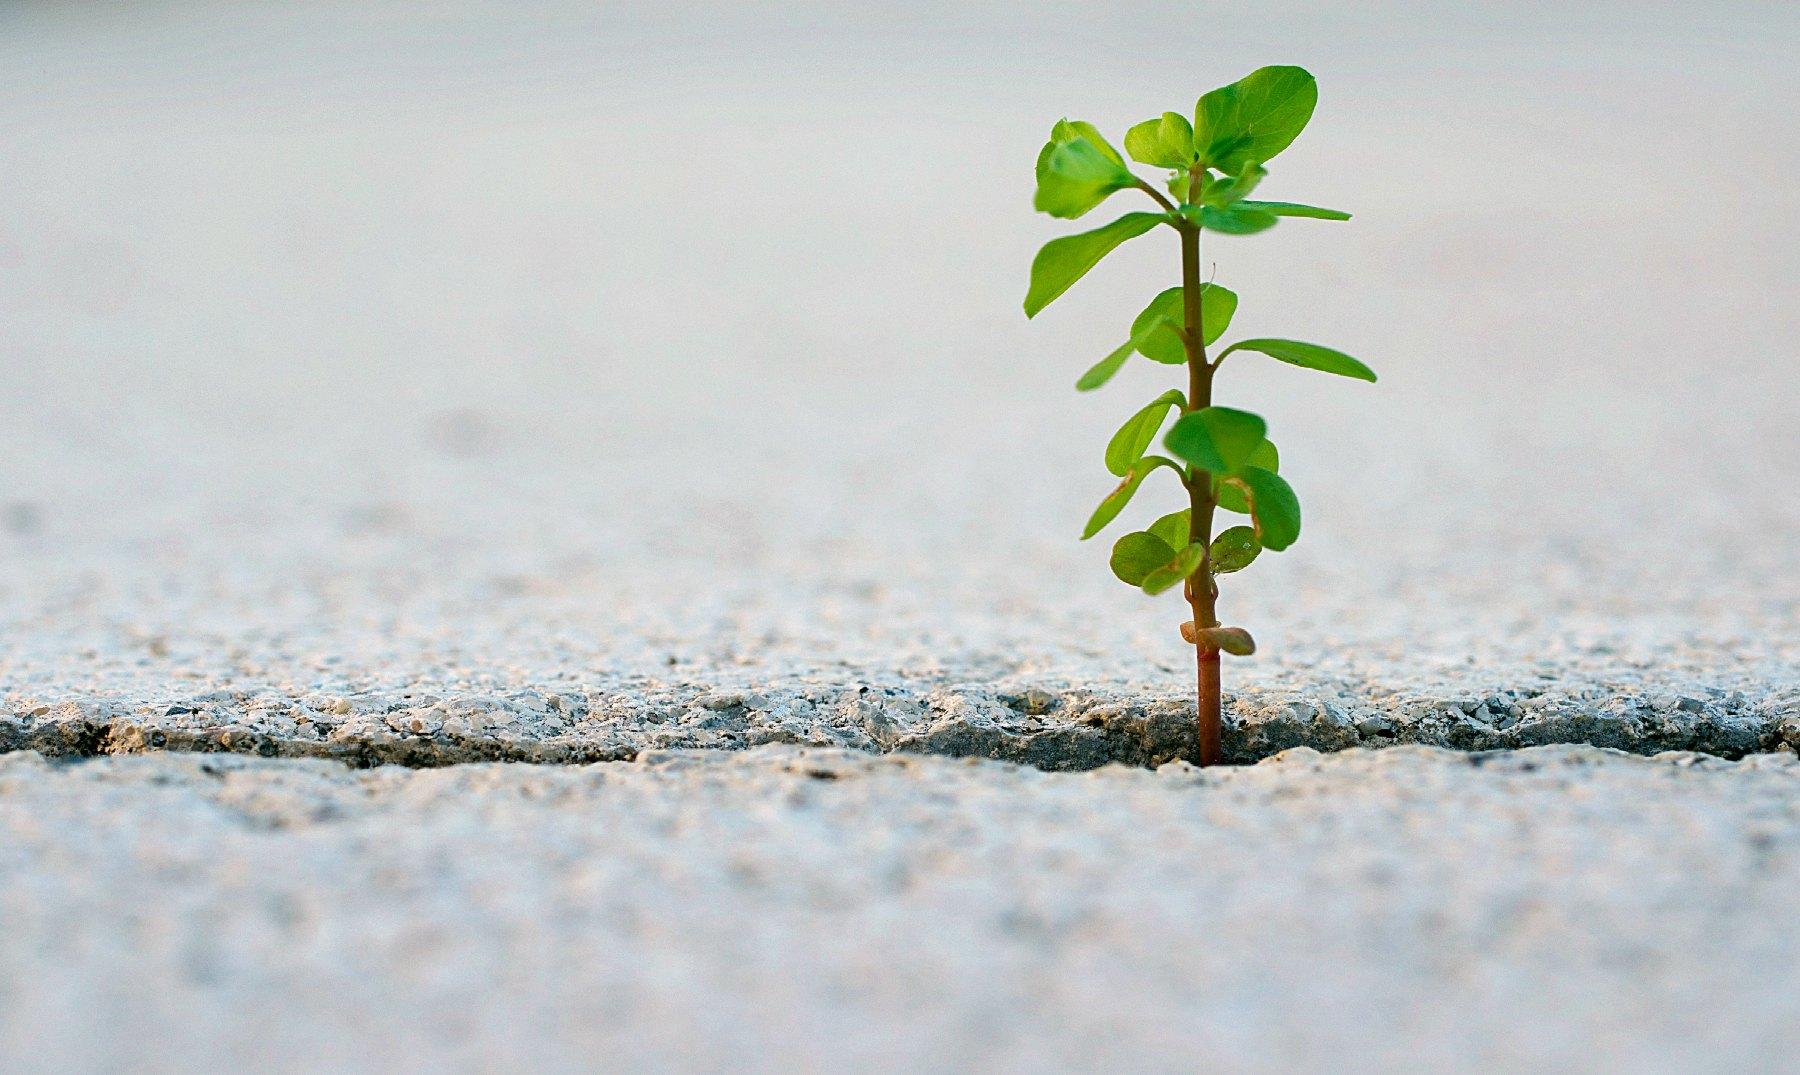 ¡Una planta creciendo en mi cuerpo! 3 casos reales